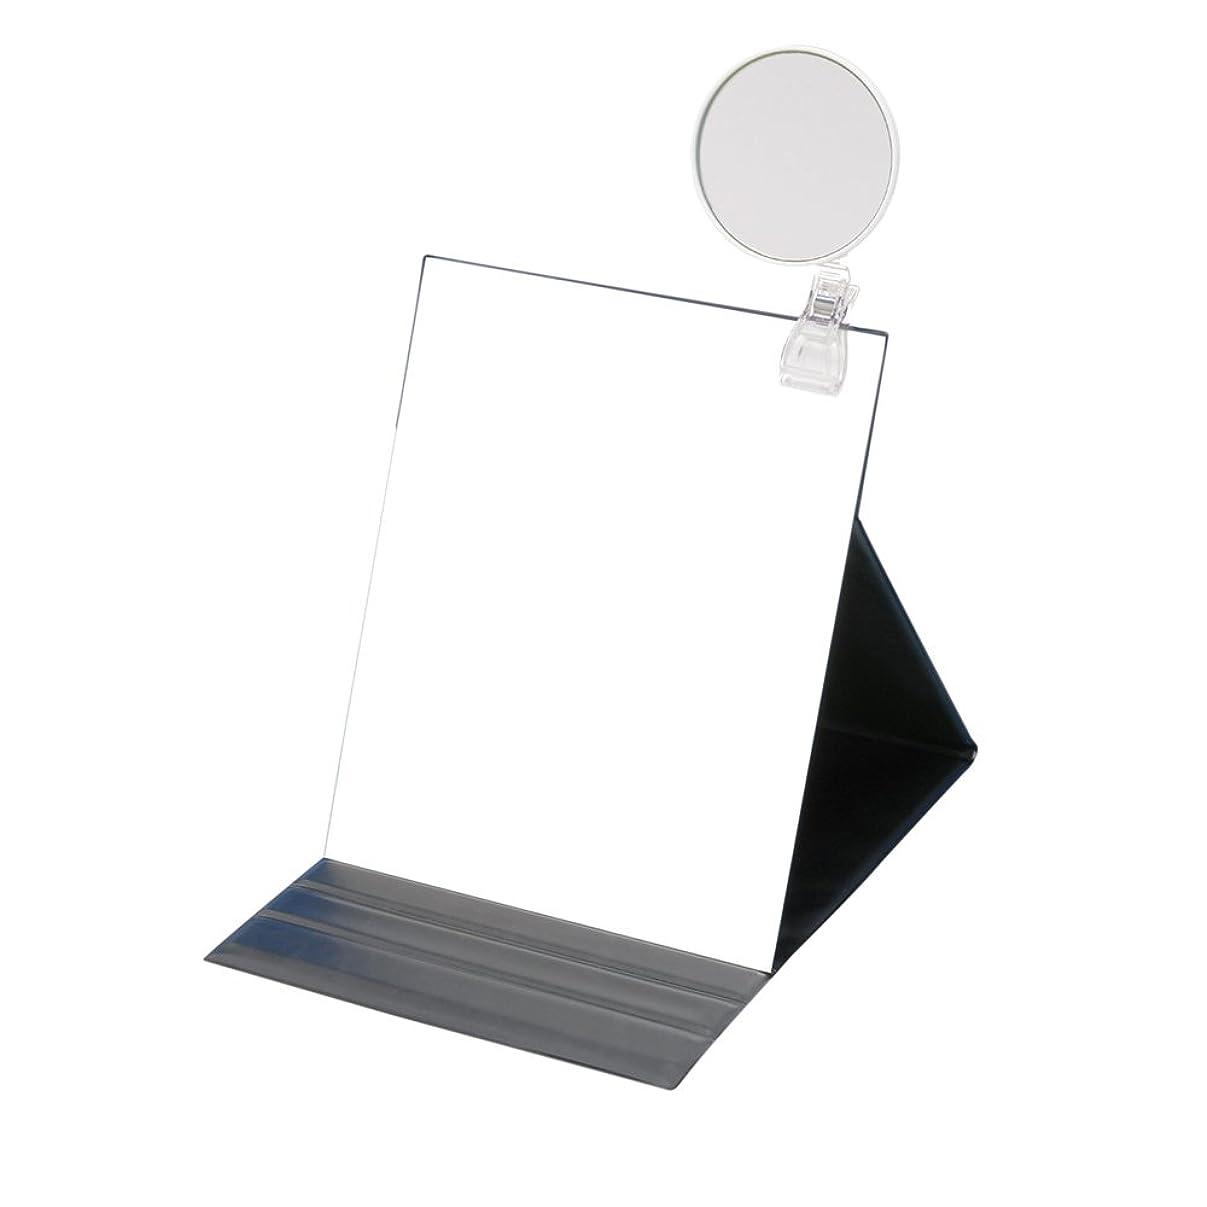 ナビゲーションすみません熟達ナピュアミラー 5倍拡大鏡付きプロモデル折立ナピュアミラー3L ブラック HP-53×5